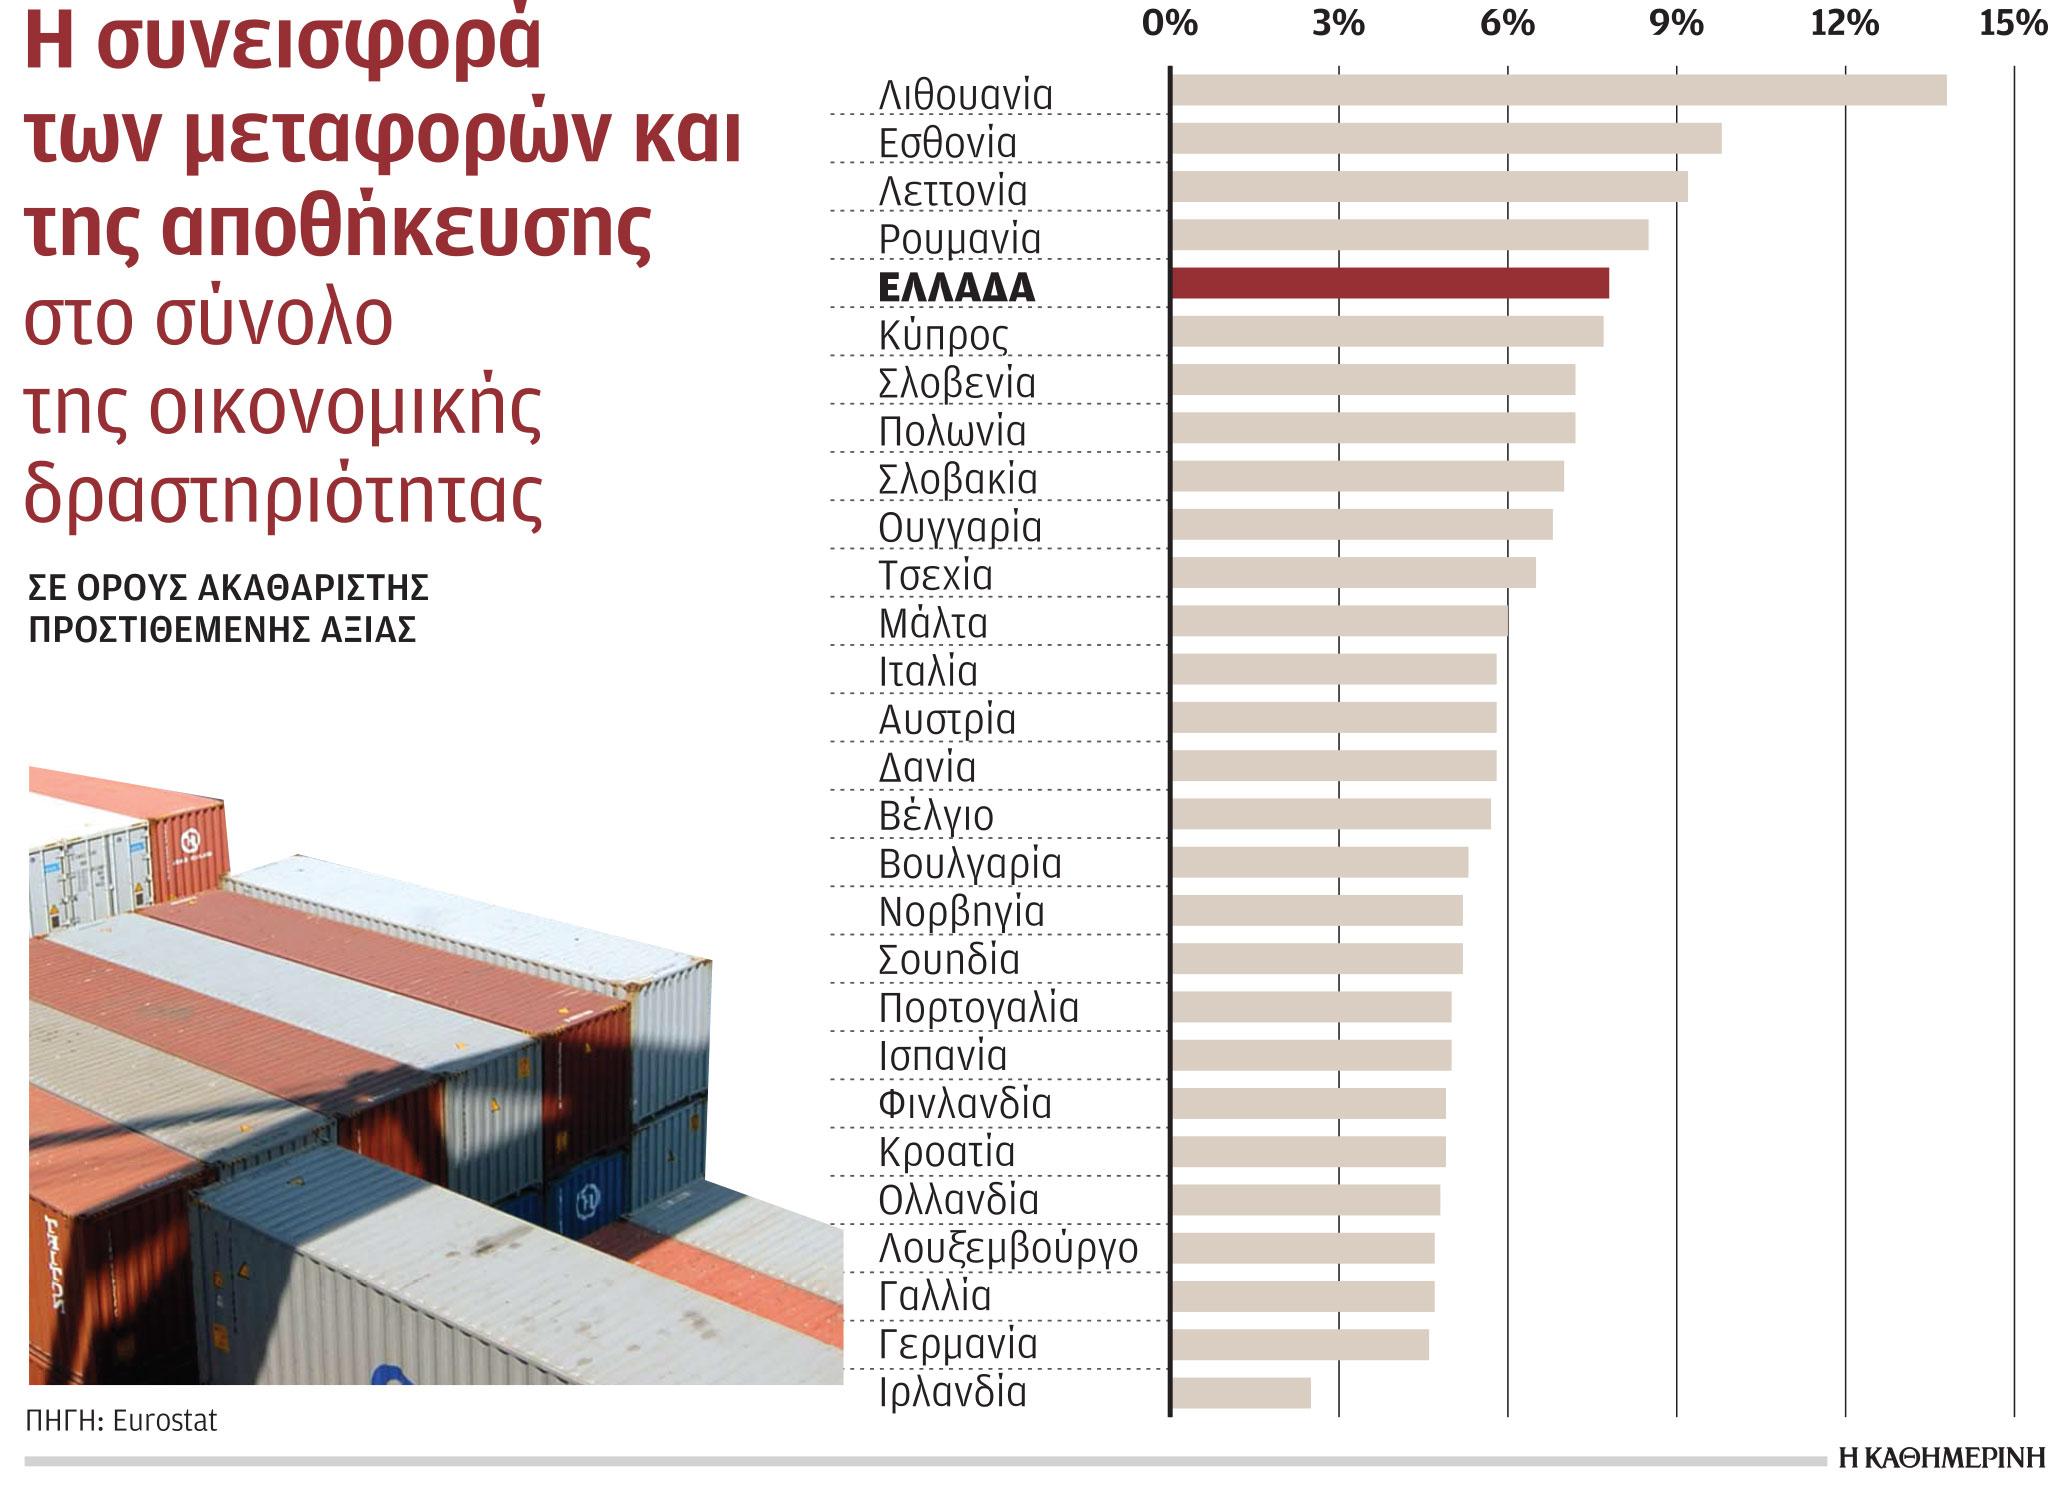 logistics-ischyres-prooptikes-gia-ependyseis-emfanizei-o-klados1